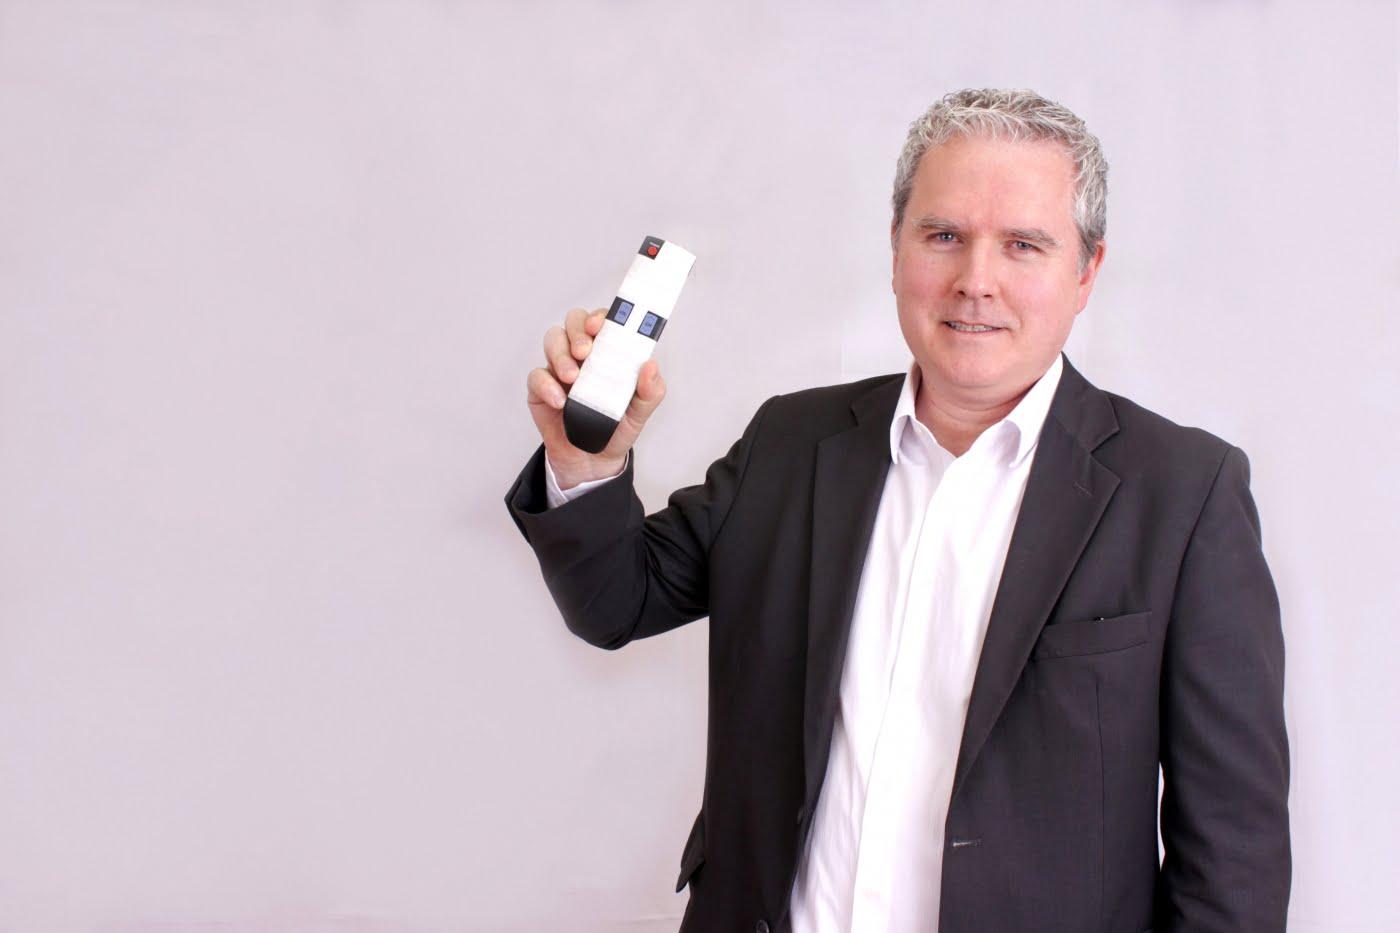 """Martin Henkel é estudioso do consumidor acima dos 60 anos e mostra uma invenção """"incrível"""": um controle remoto com apenas quatro funções (as únicas que importam). É hora de você pensar em quem tem mais de 60 anos: você está preparado?"""